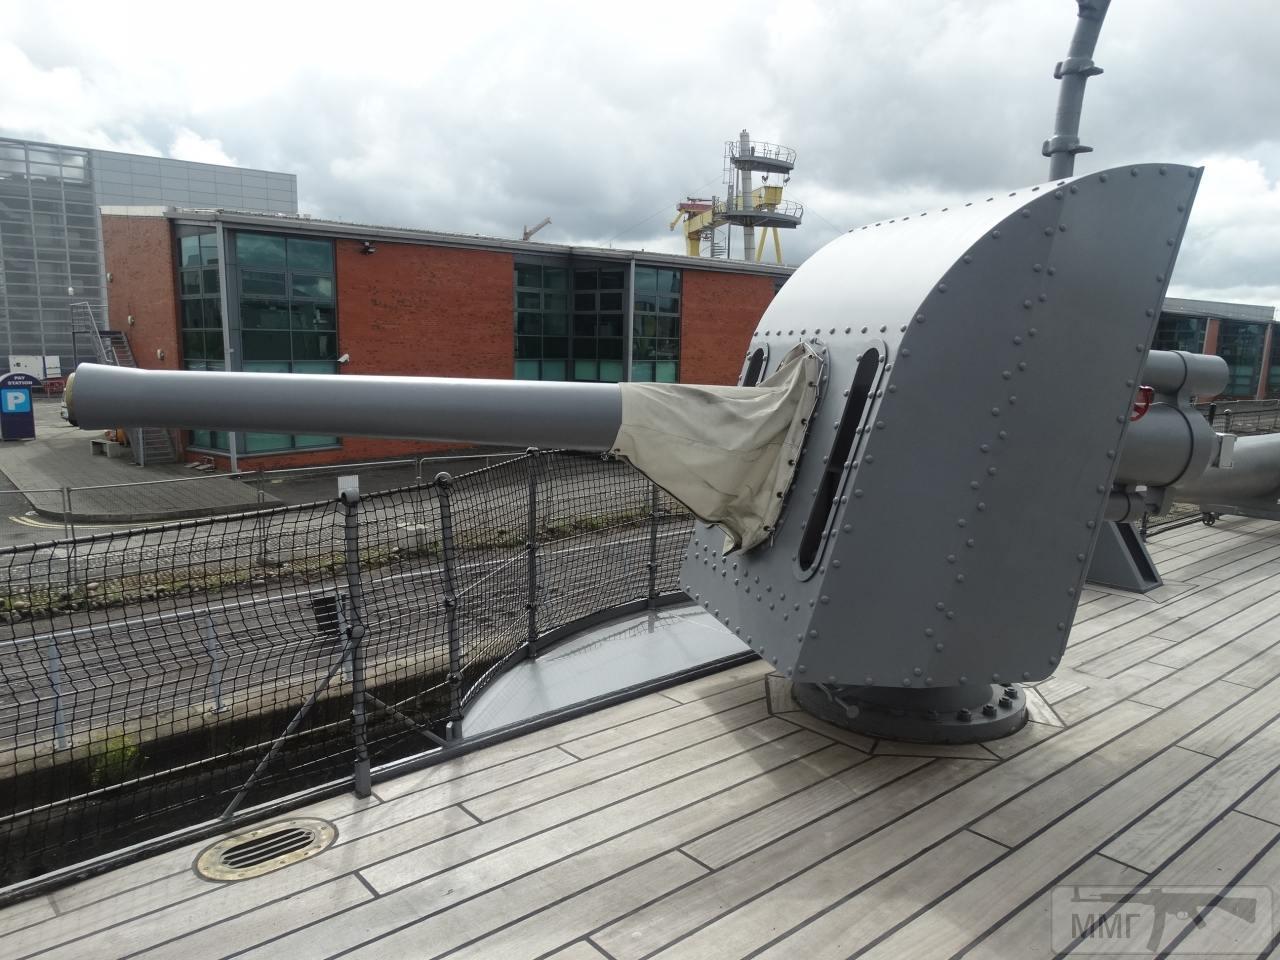 29529 - Броненосцы, дредноуты, линкоры и крейсера Британии